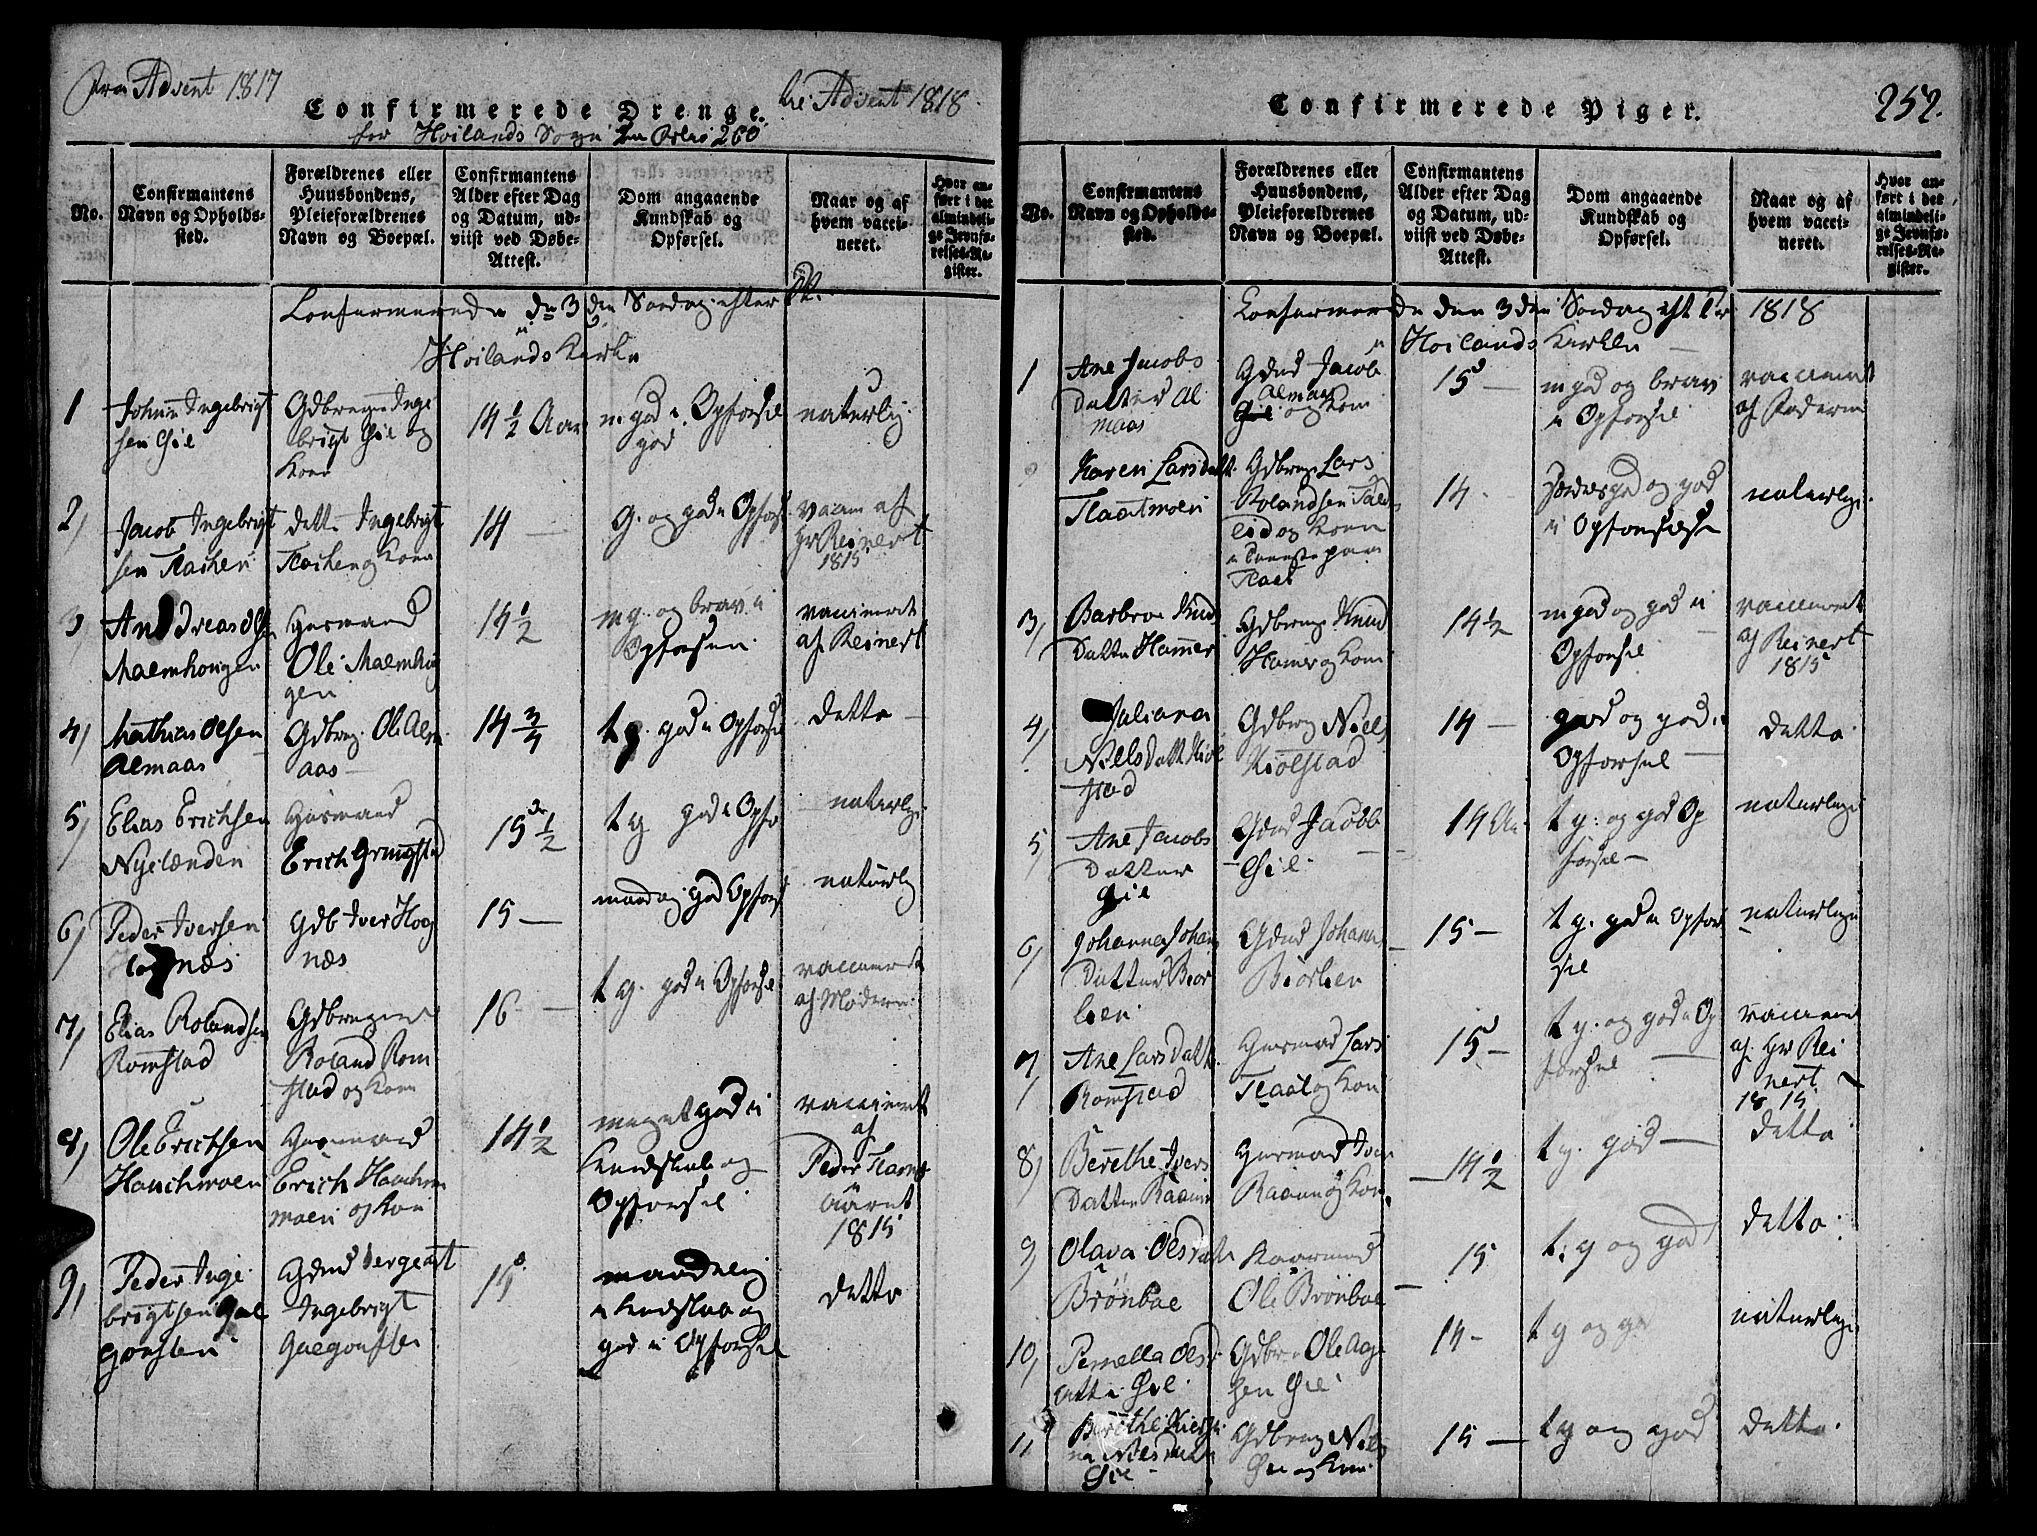 SAT, Ministerialprotokoller, klokkerbøker og fødselsregistre - Nord-Trøndelag, 764/L0546: Ministerialbok nr. 764A06 /3, 1817-1821, s. 252